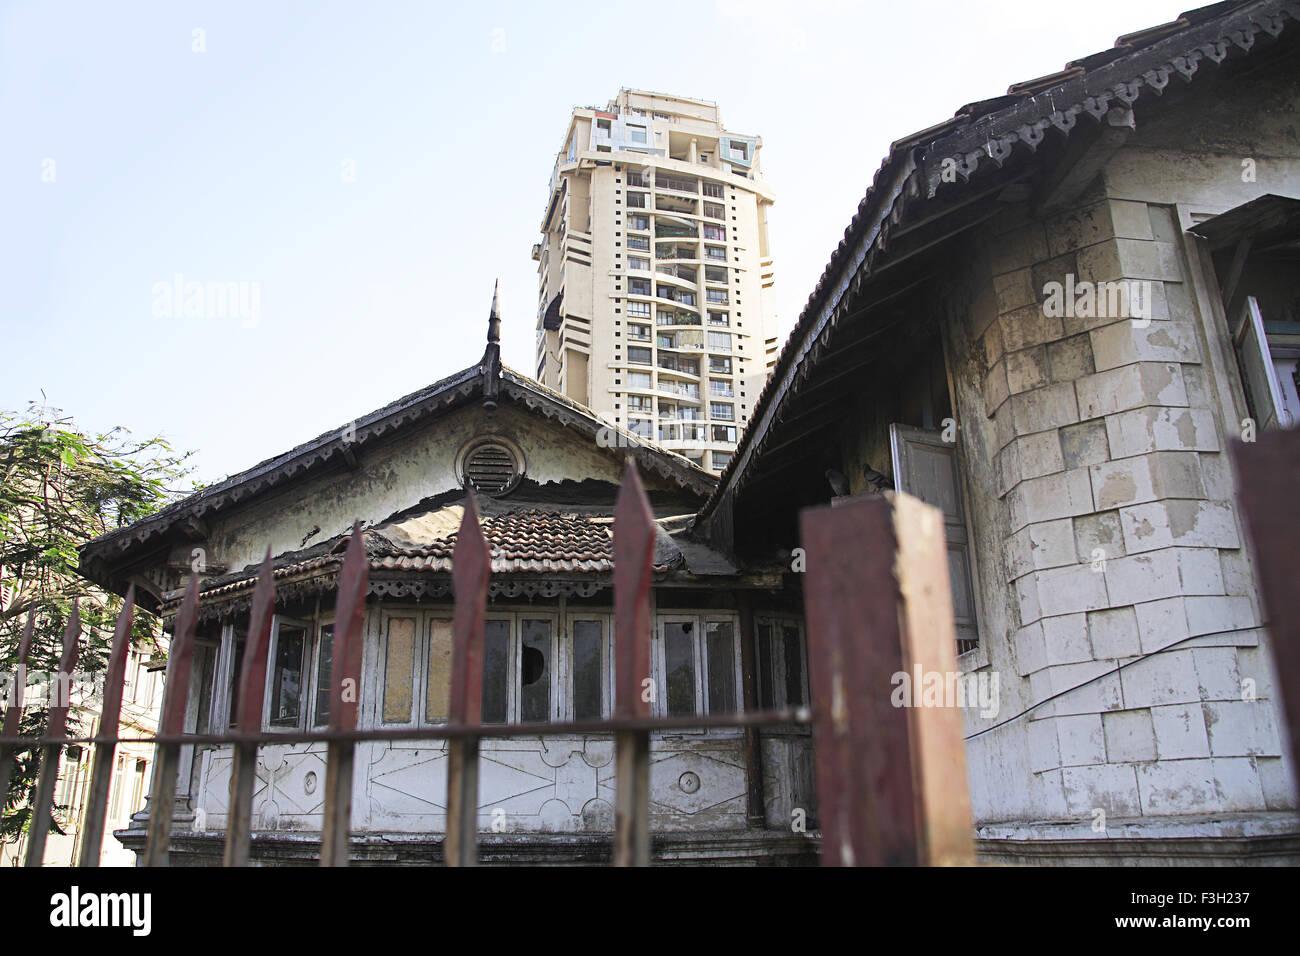 Edifici a J. Shankar Sheth marg; Grant Road ; Mumbai Bombay ; Maharashtra ; India Immagini Stock